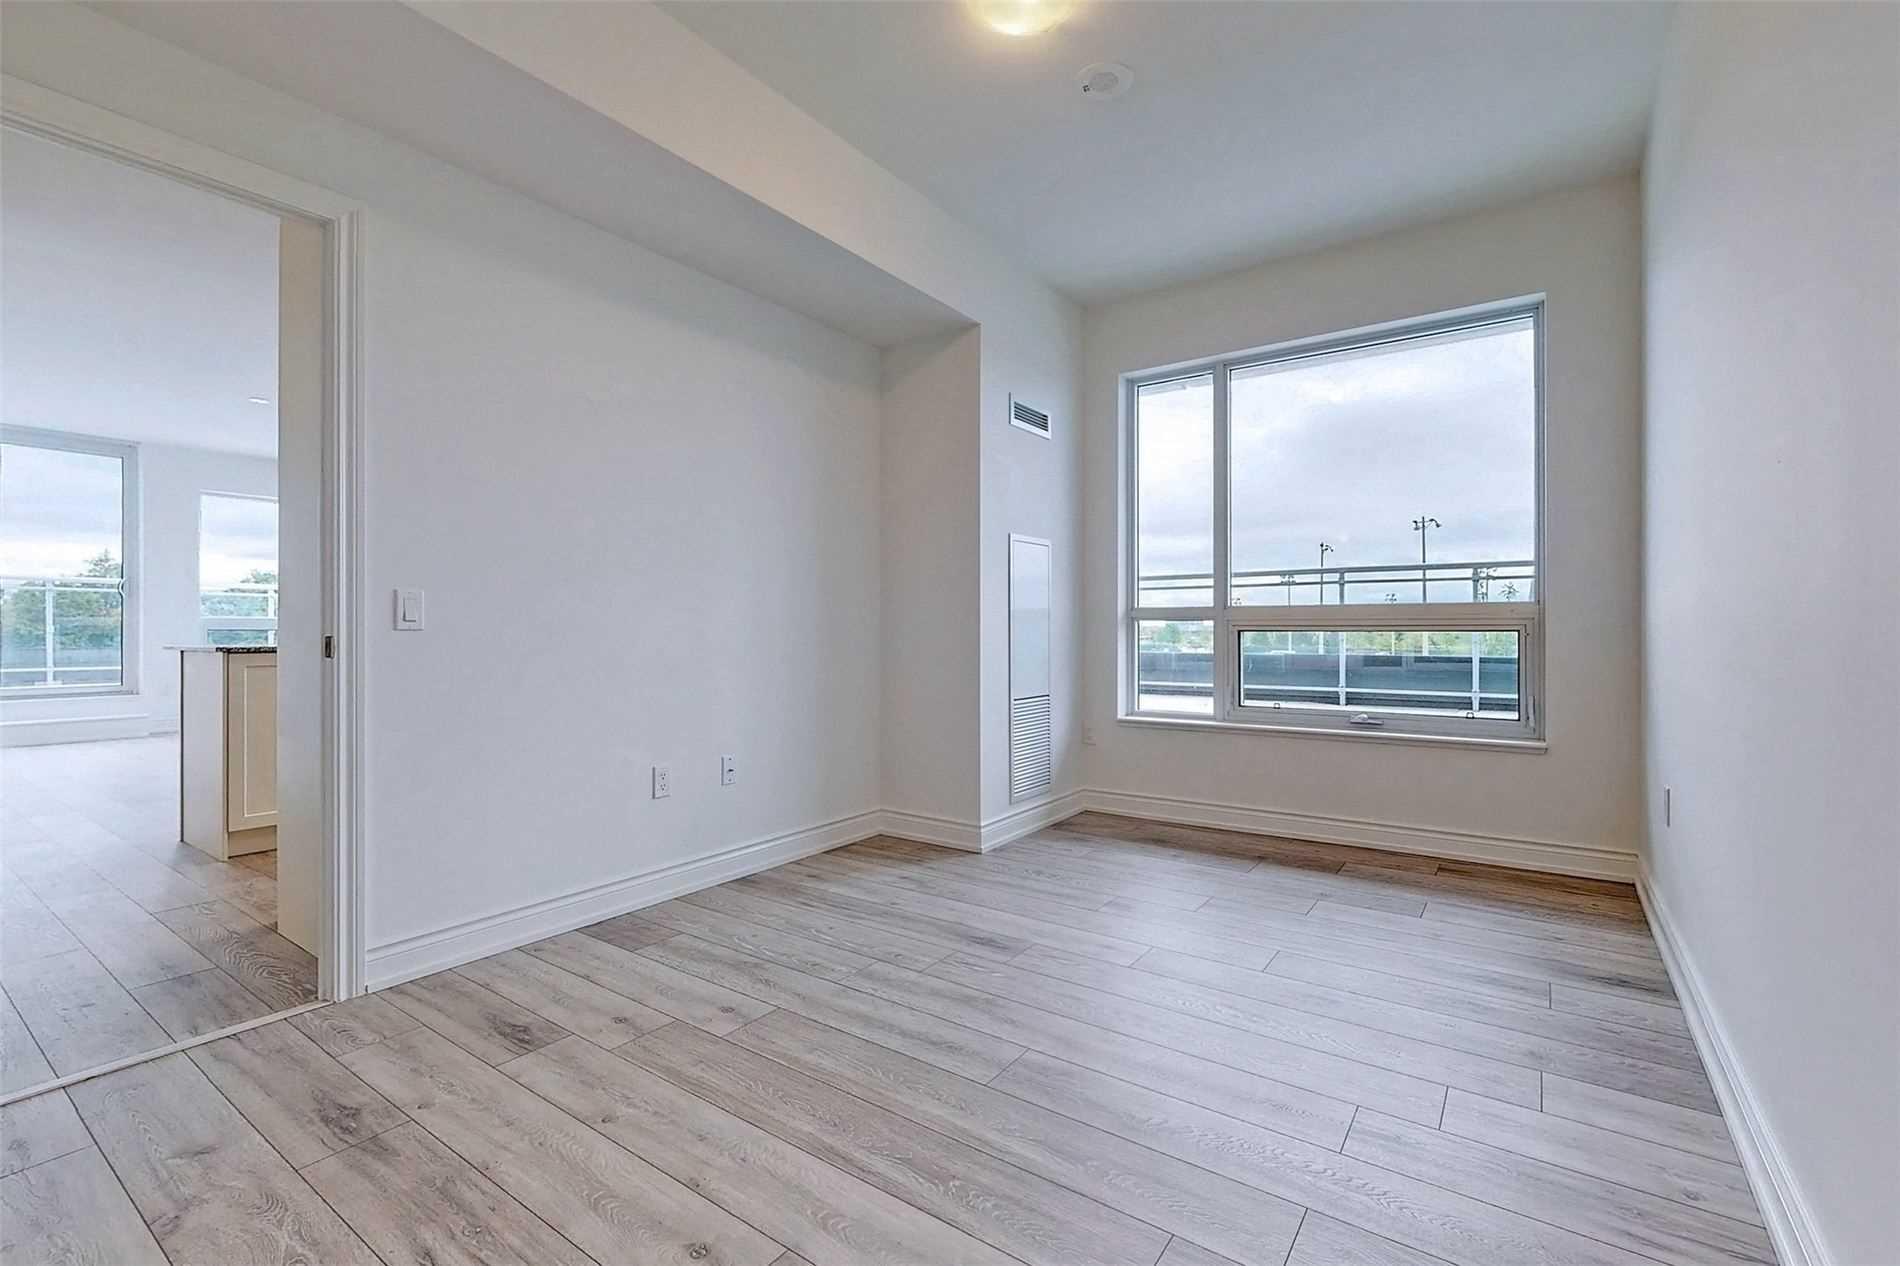 221 - 1050 Main St E - Dempsey Condo Apt for sale, 3 Bedrooms (W5398557) - #20